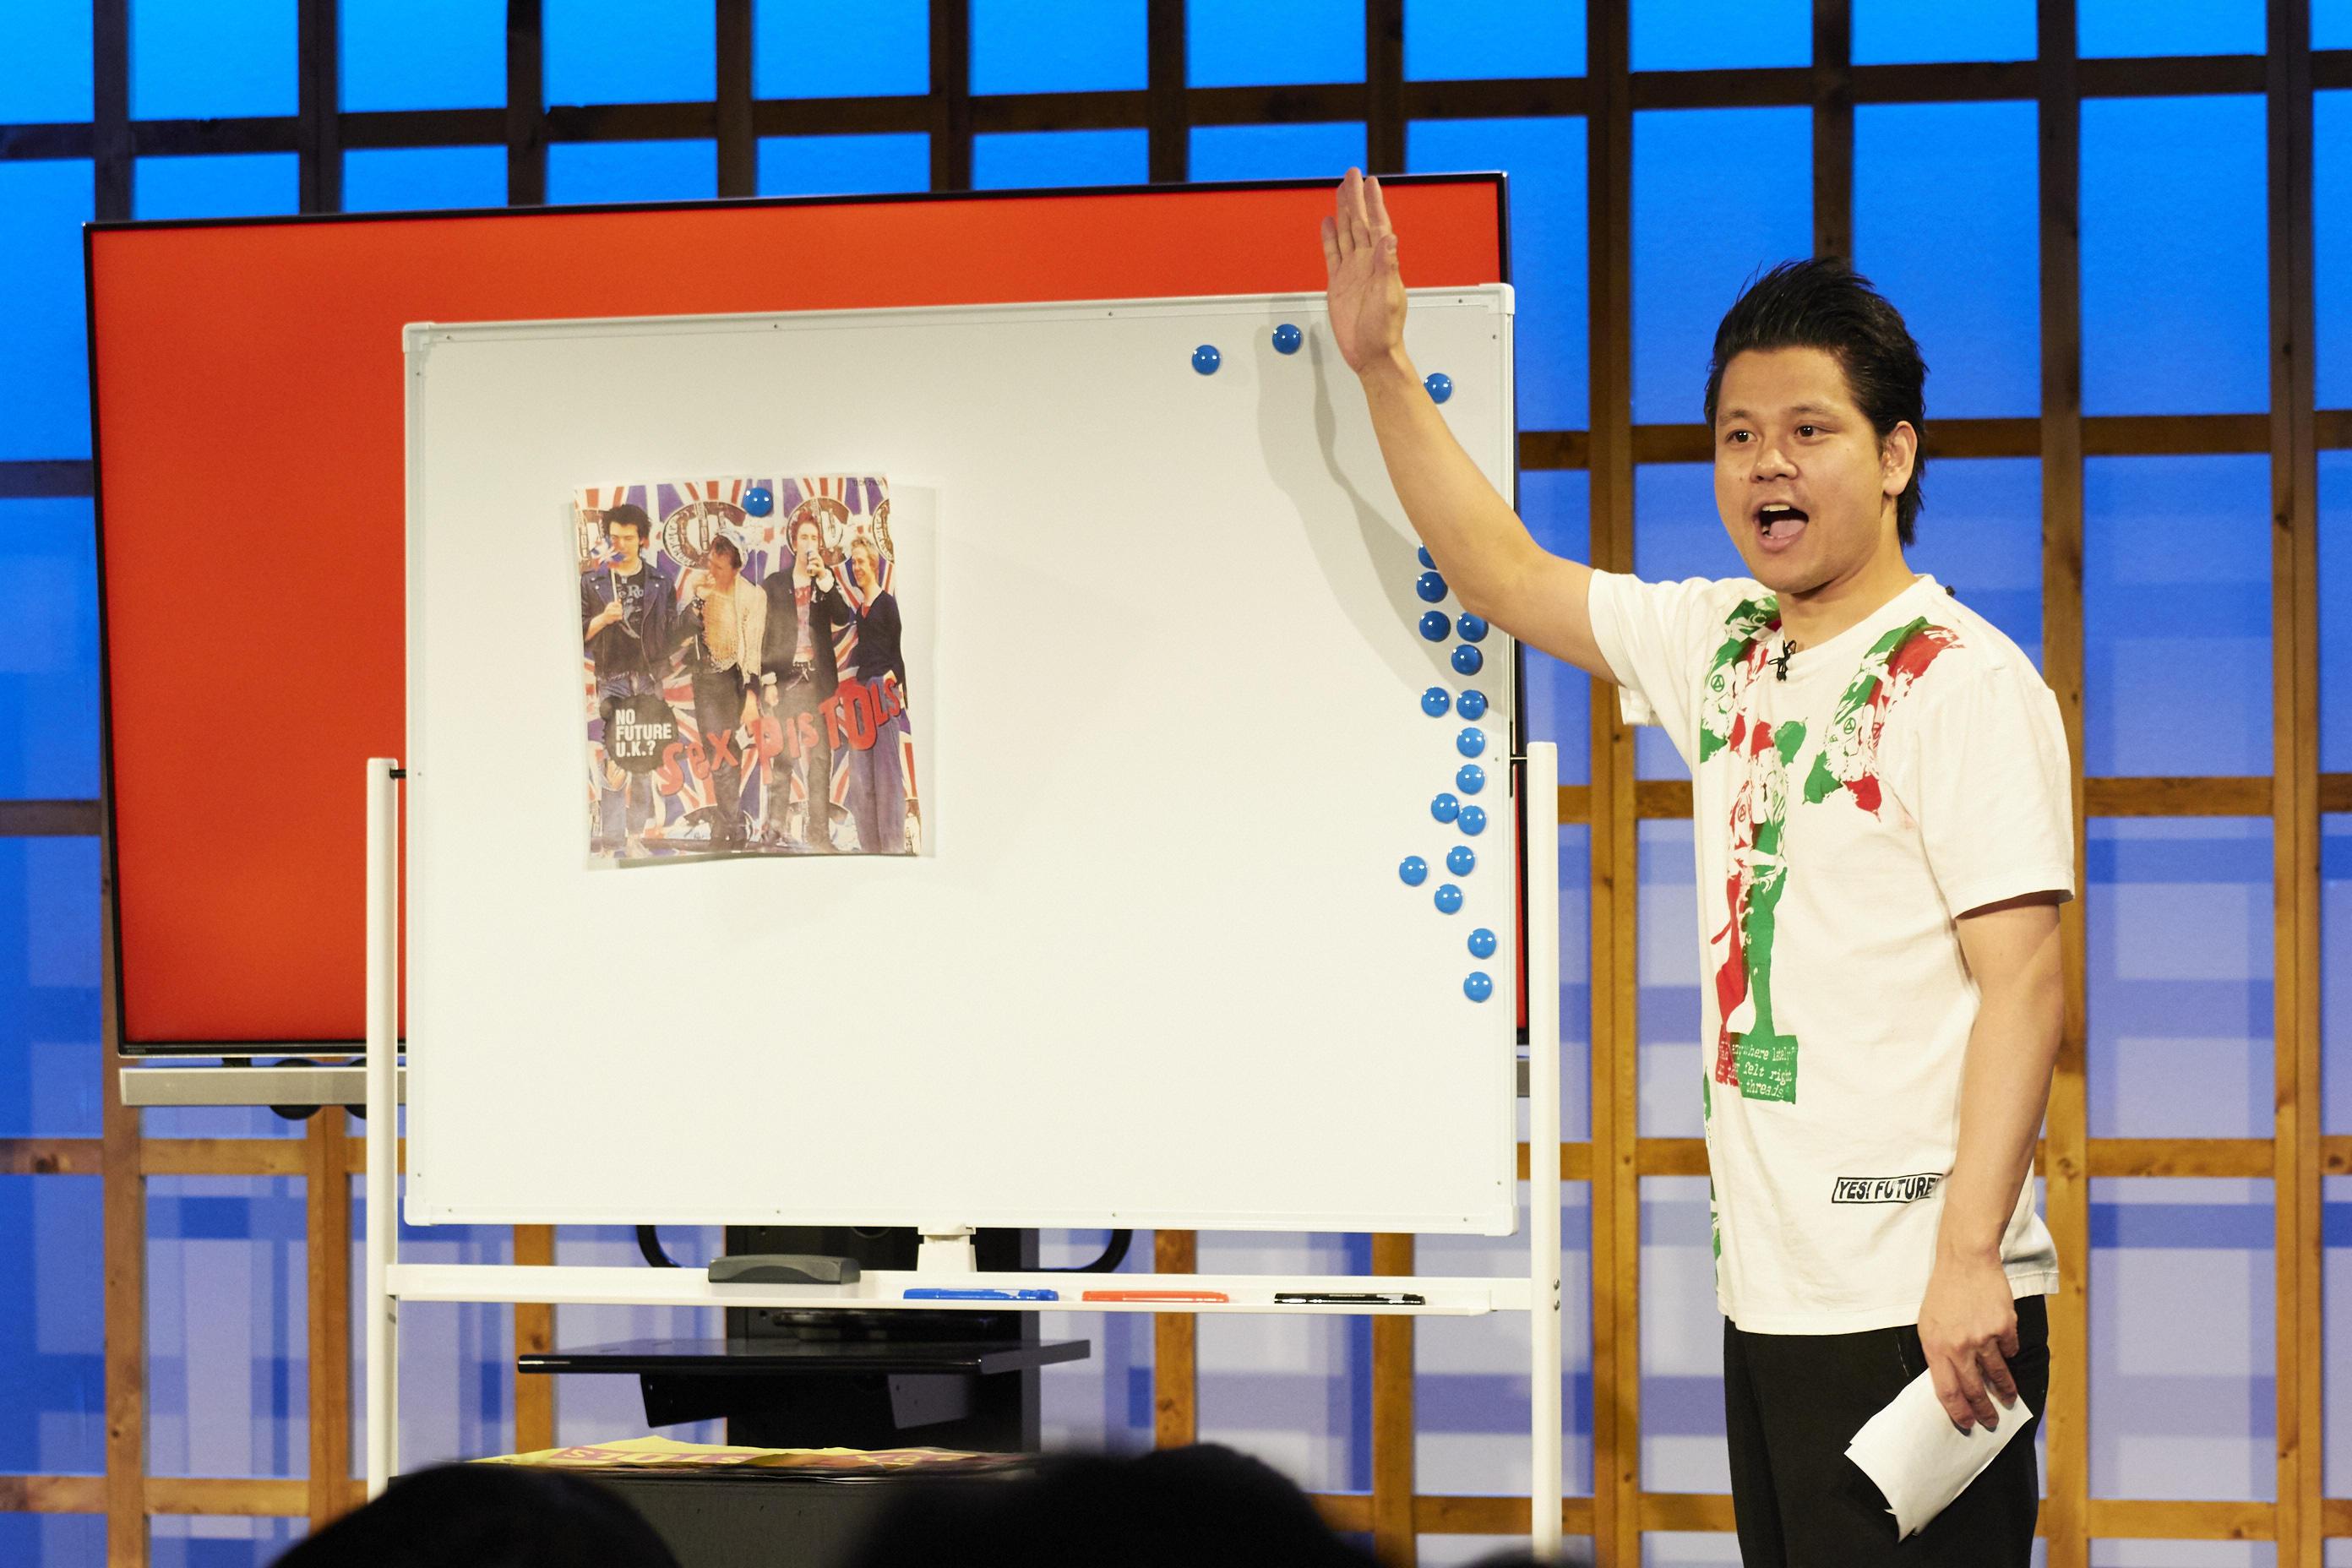 http://news.yoshimoto.co.jp/20180401095754-d4605a622a99ffd03b0a8193cbec175eced7d317.jpg